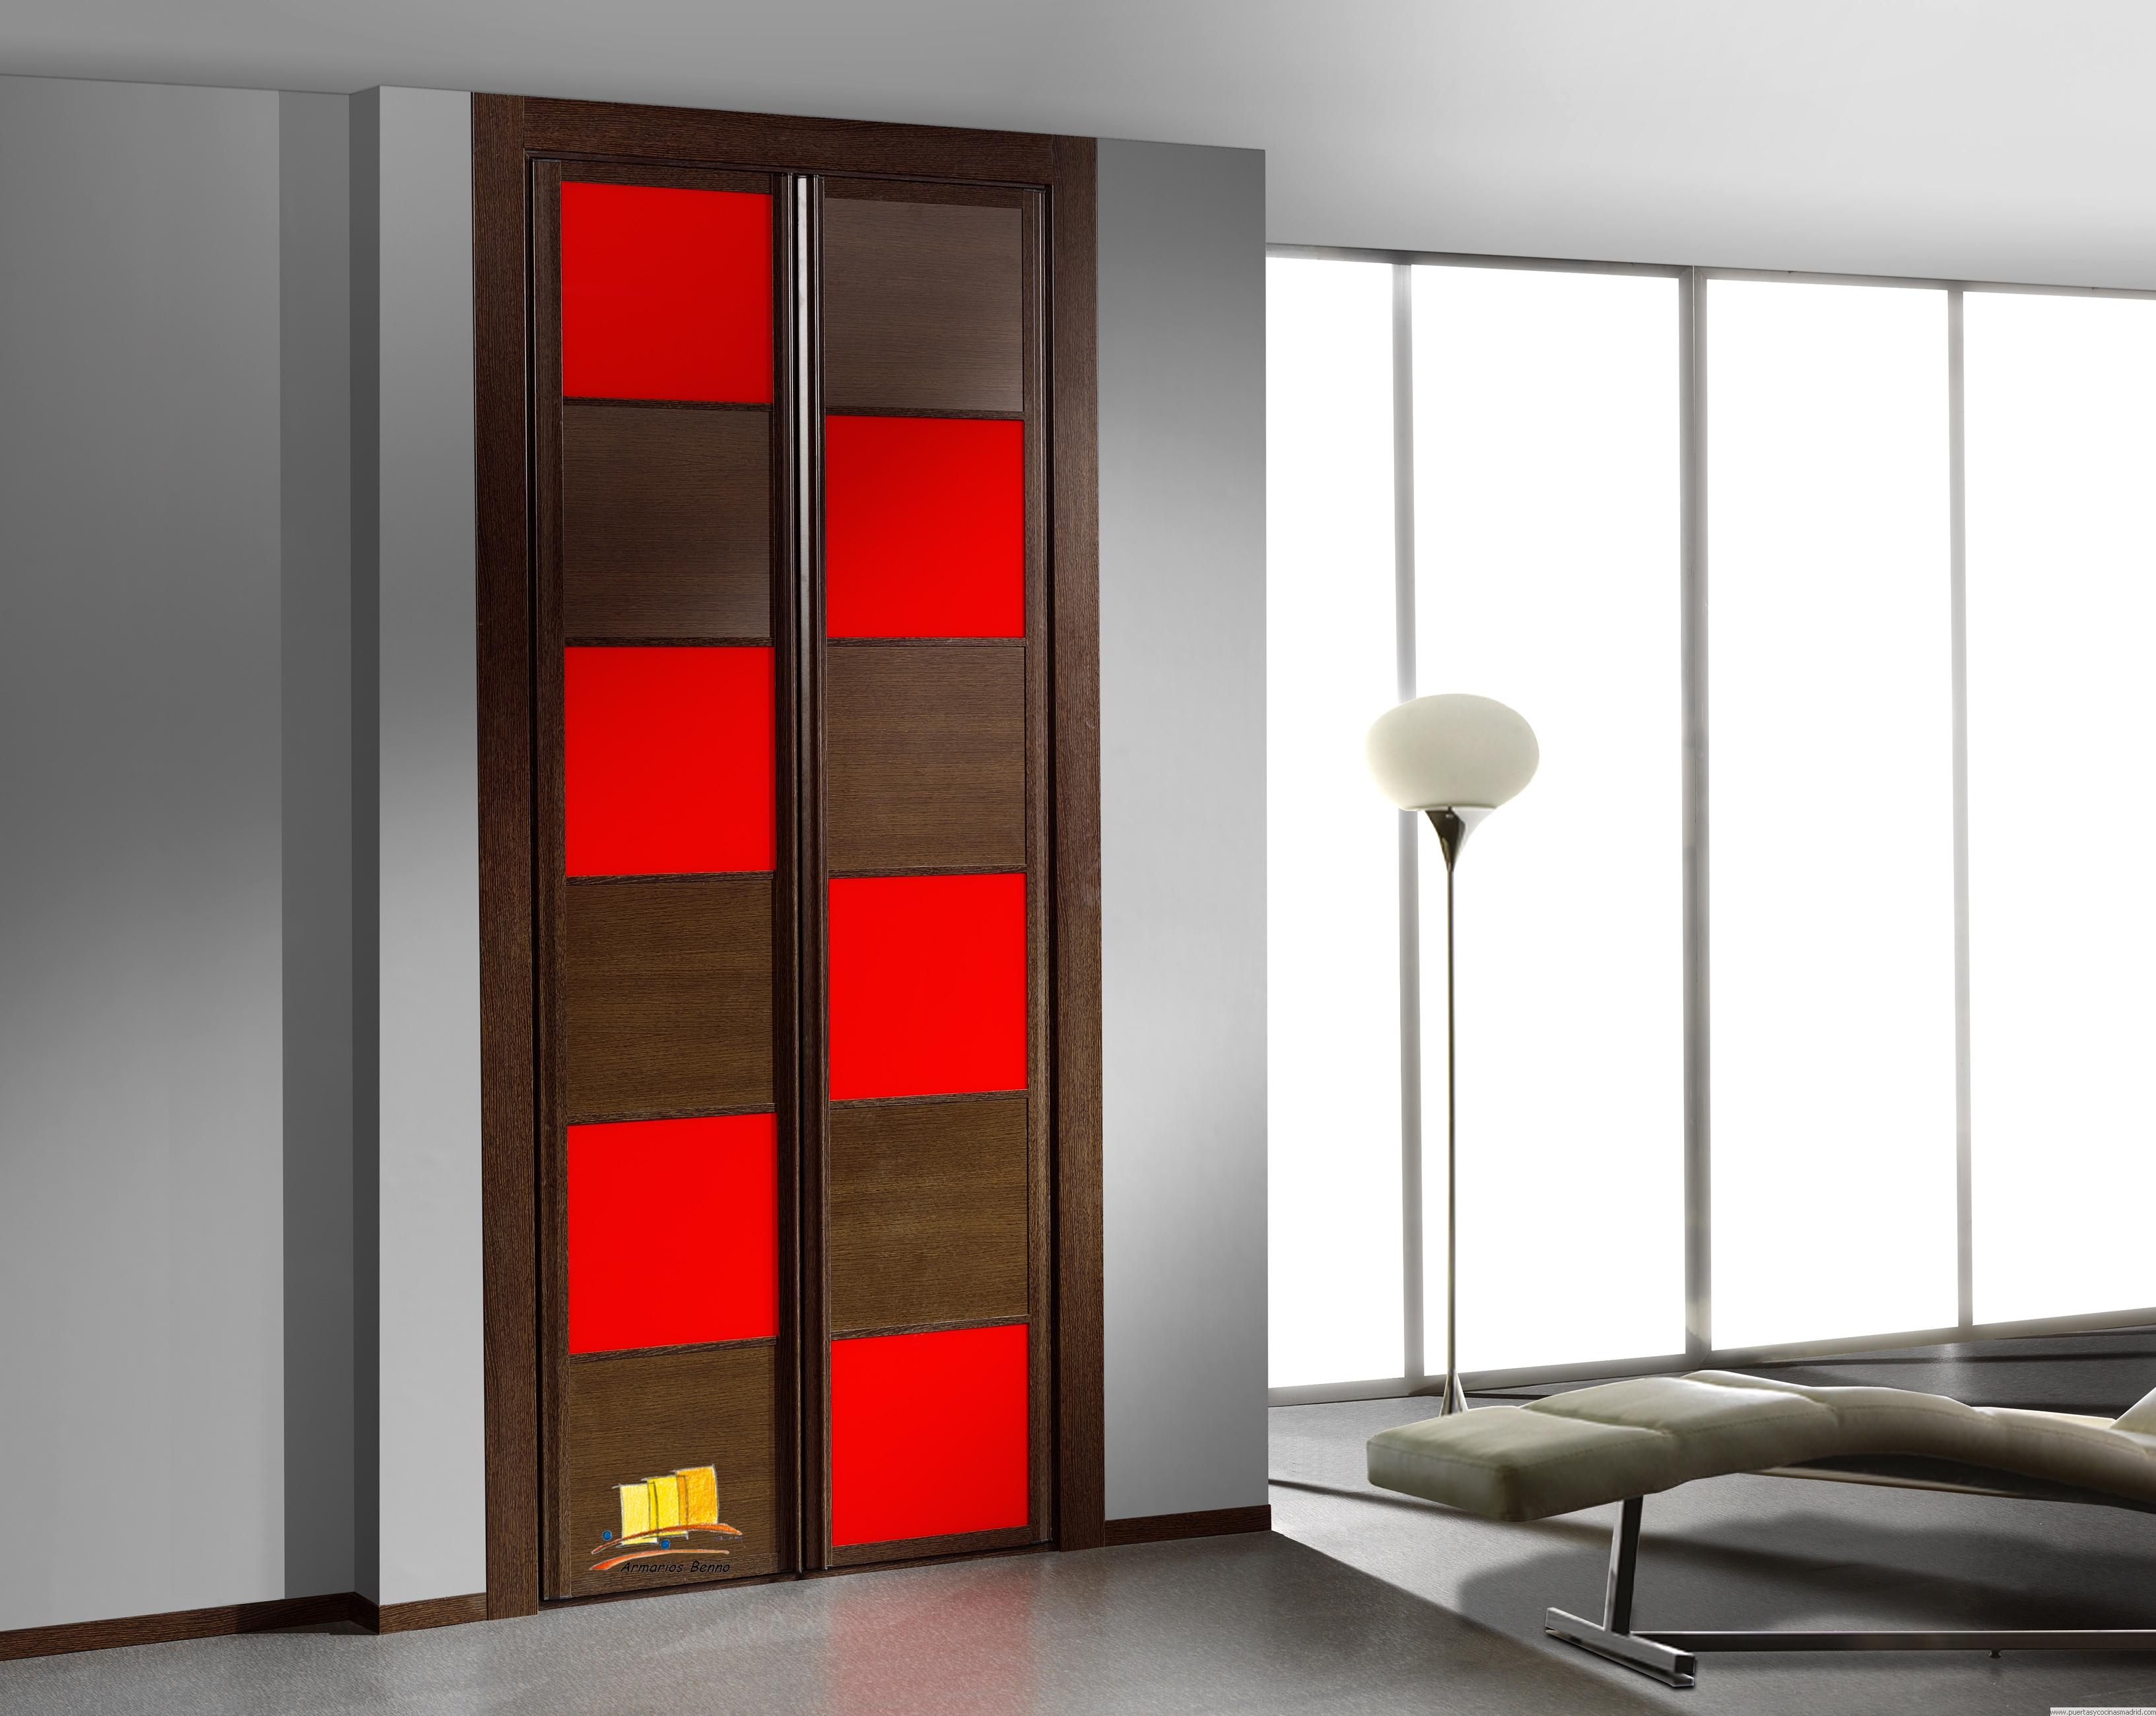 Armarios interior madrid armarios baratos comprar armarios for Puertas modernas interior precios